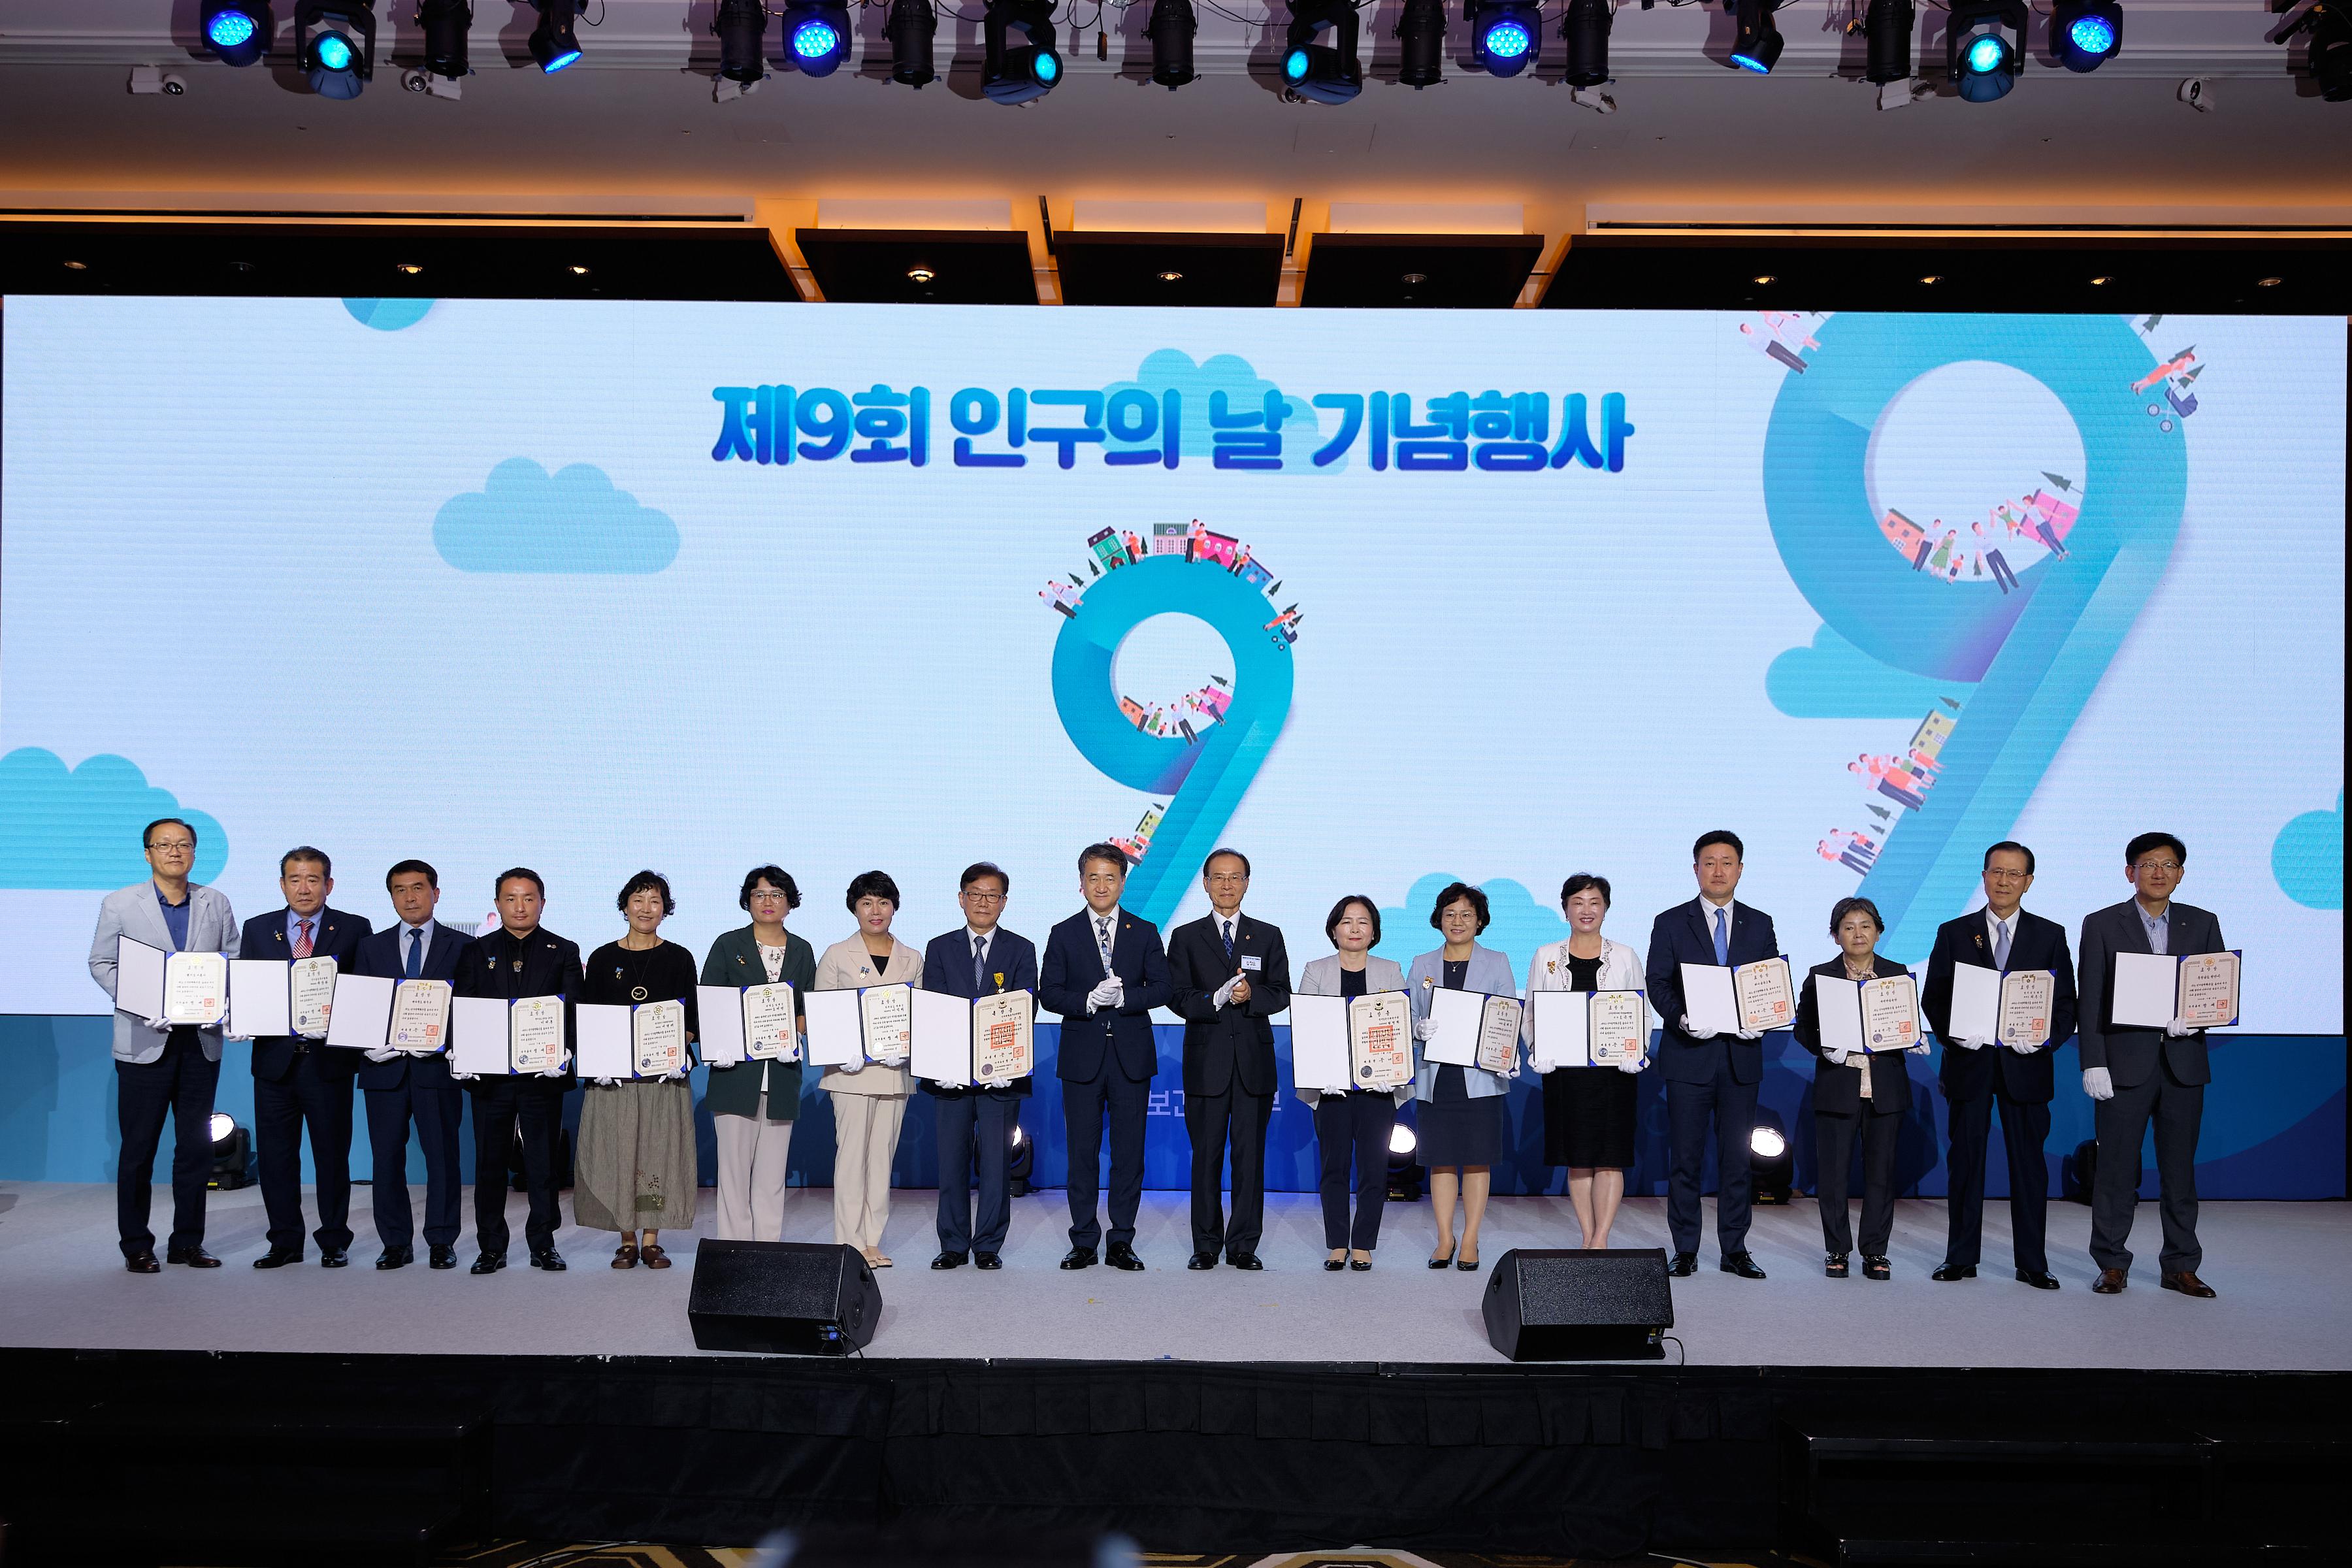 강진읍 신흥상회 이태훈 대표, 정부 포상 수상 영예